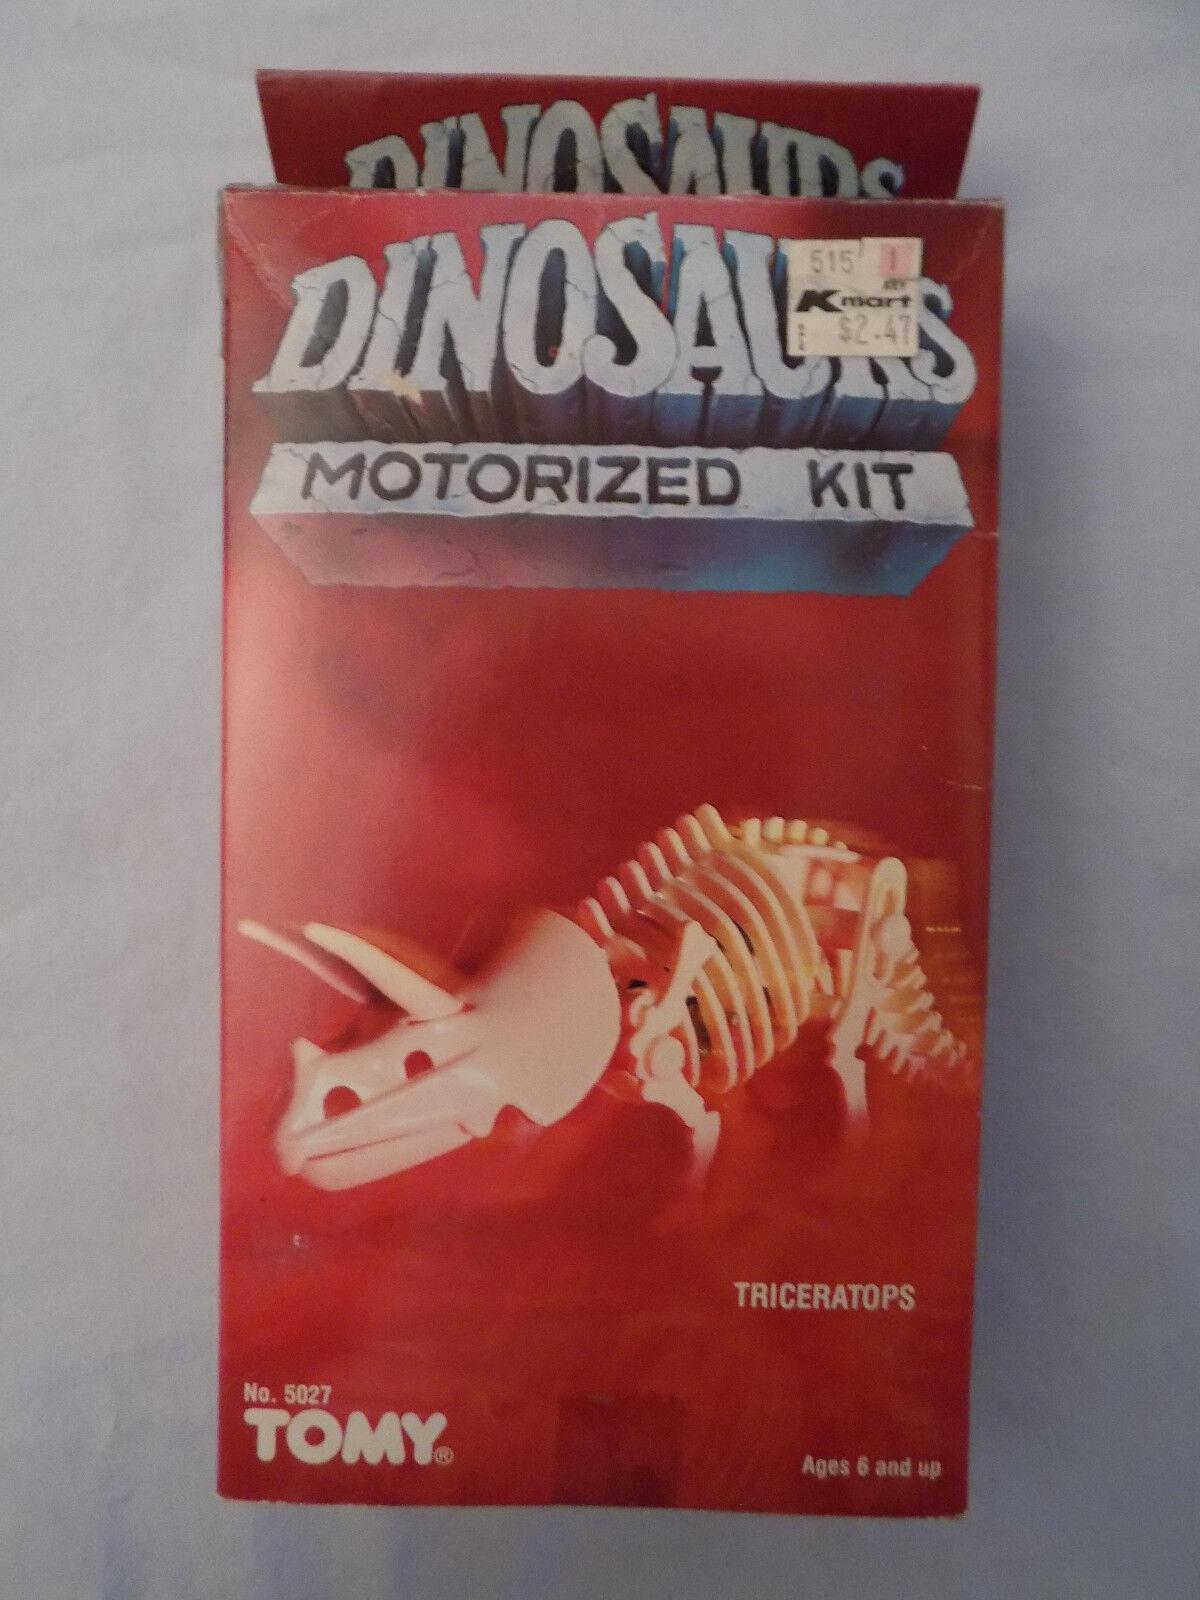 Jahrgang 1984 mein motor - dinosaurier triceratops miniatur - versiegelten kiste